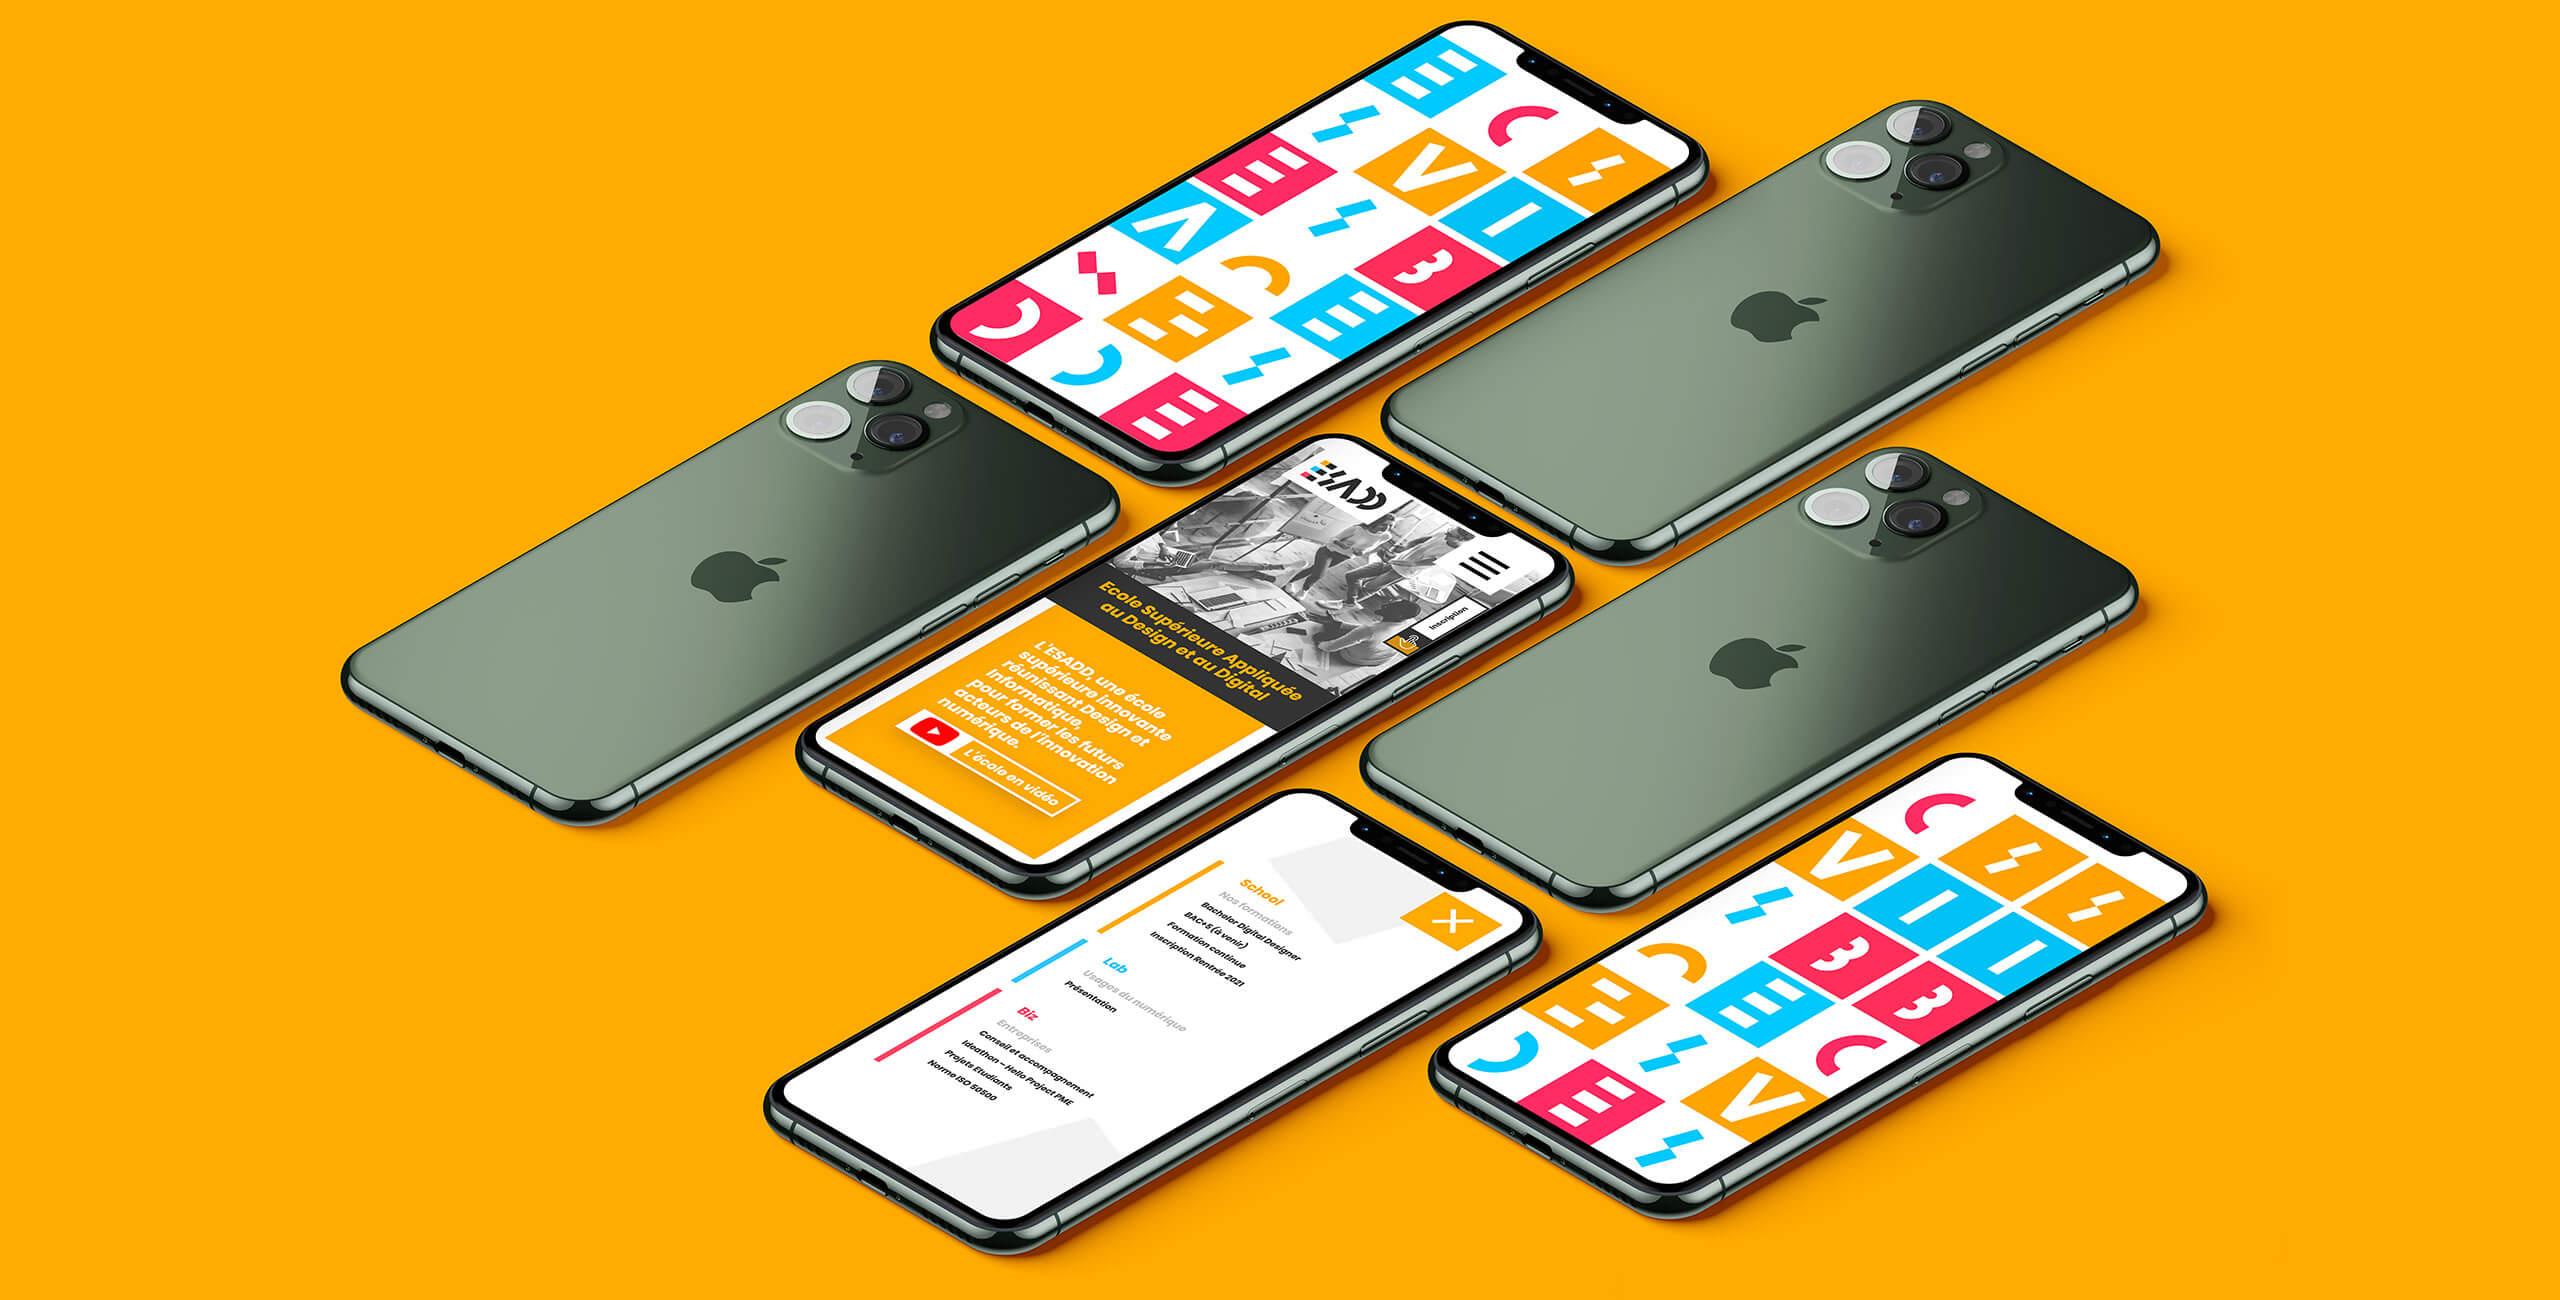 Site vitrine et nouvelle identité pour l'Ecole Supérieure Appliquée au Design et au Digital